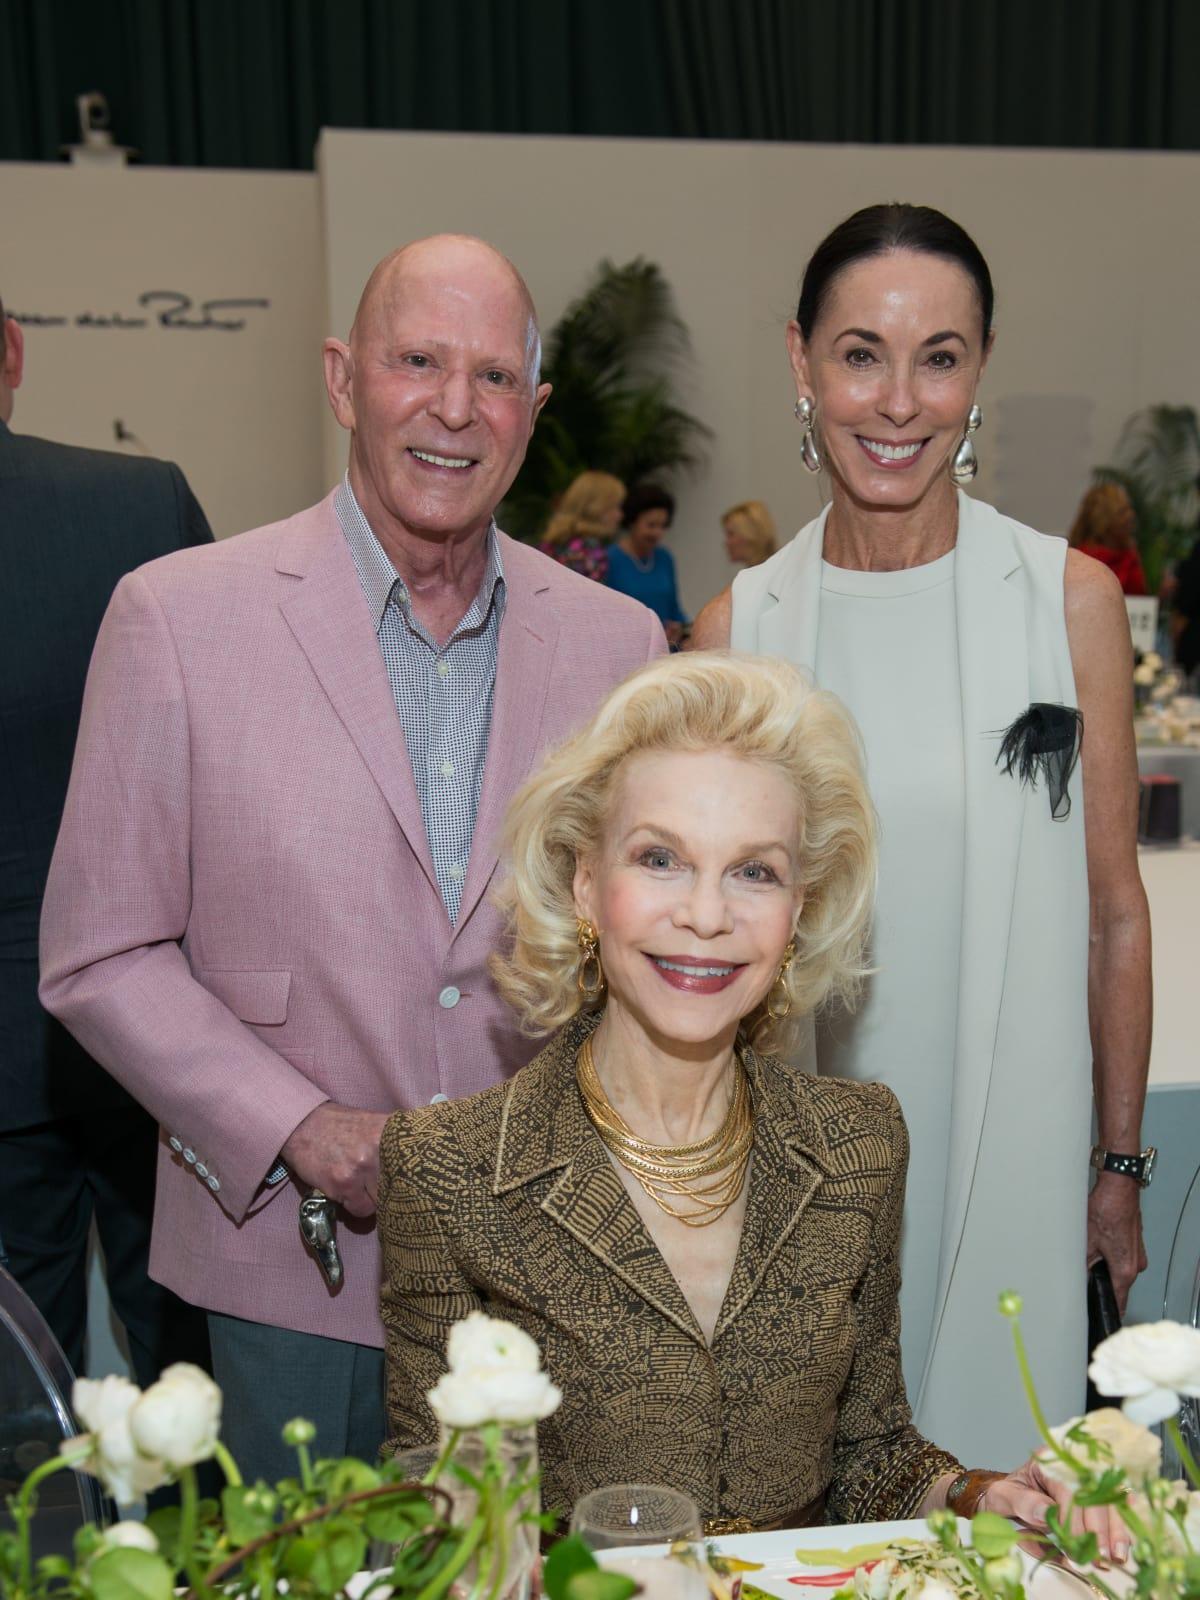 Lester Smith, Sue Smith, Lynn Wyatt at Oscar de la Renta fashion show at MFAH